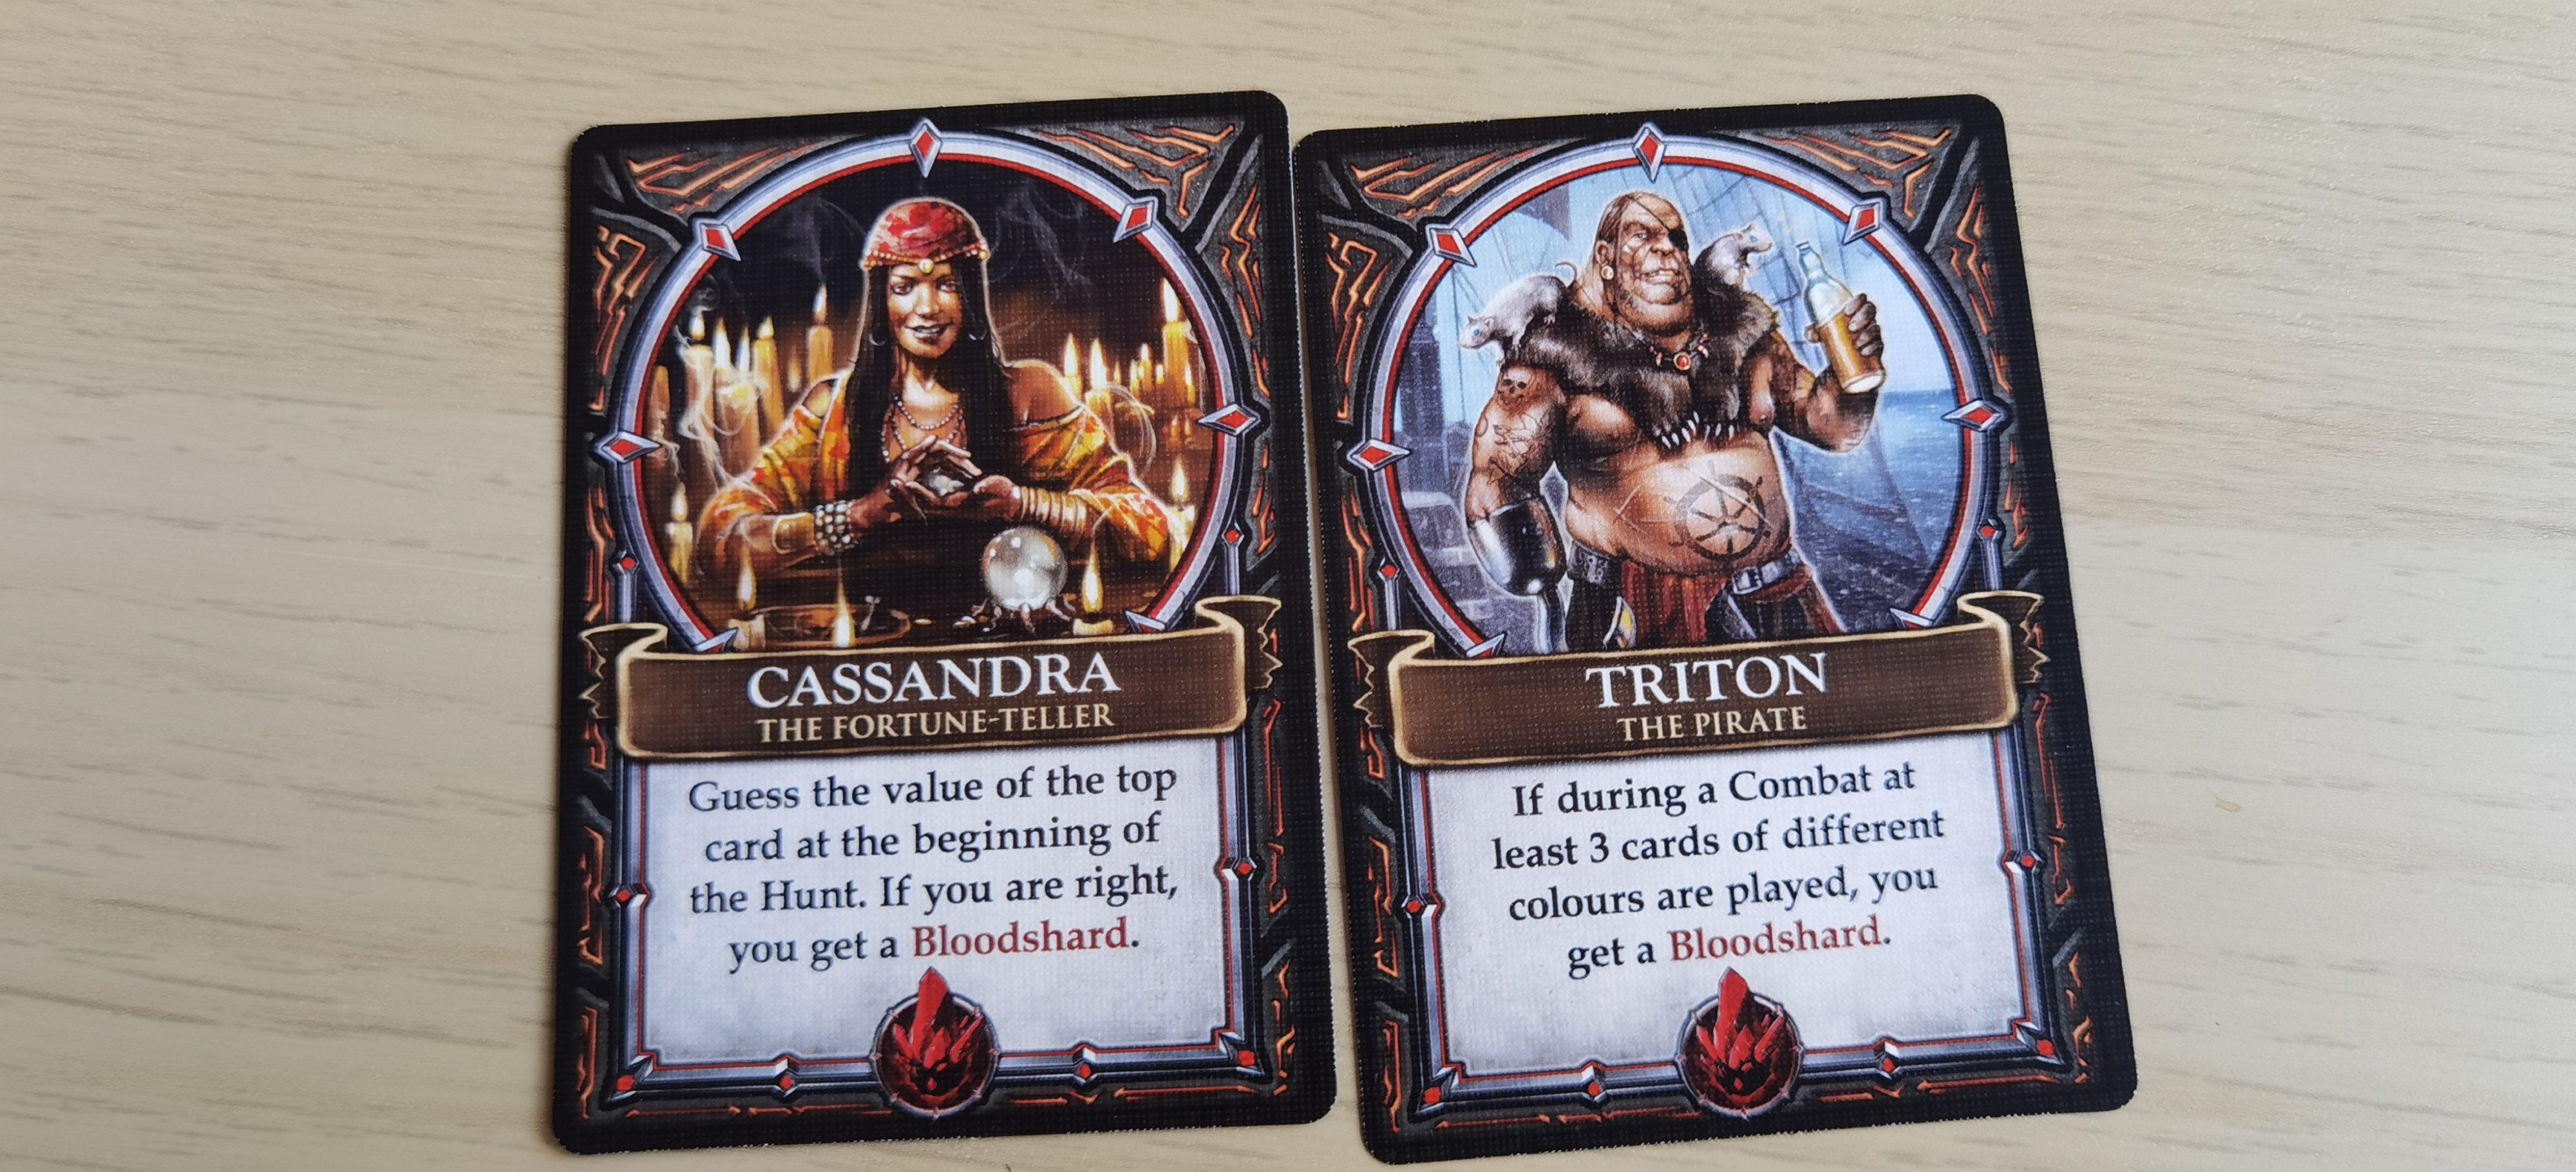 И двете карти разчитат на късмет, но втората е в пъти по-голям шанса да се случи.